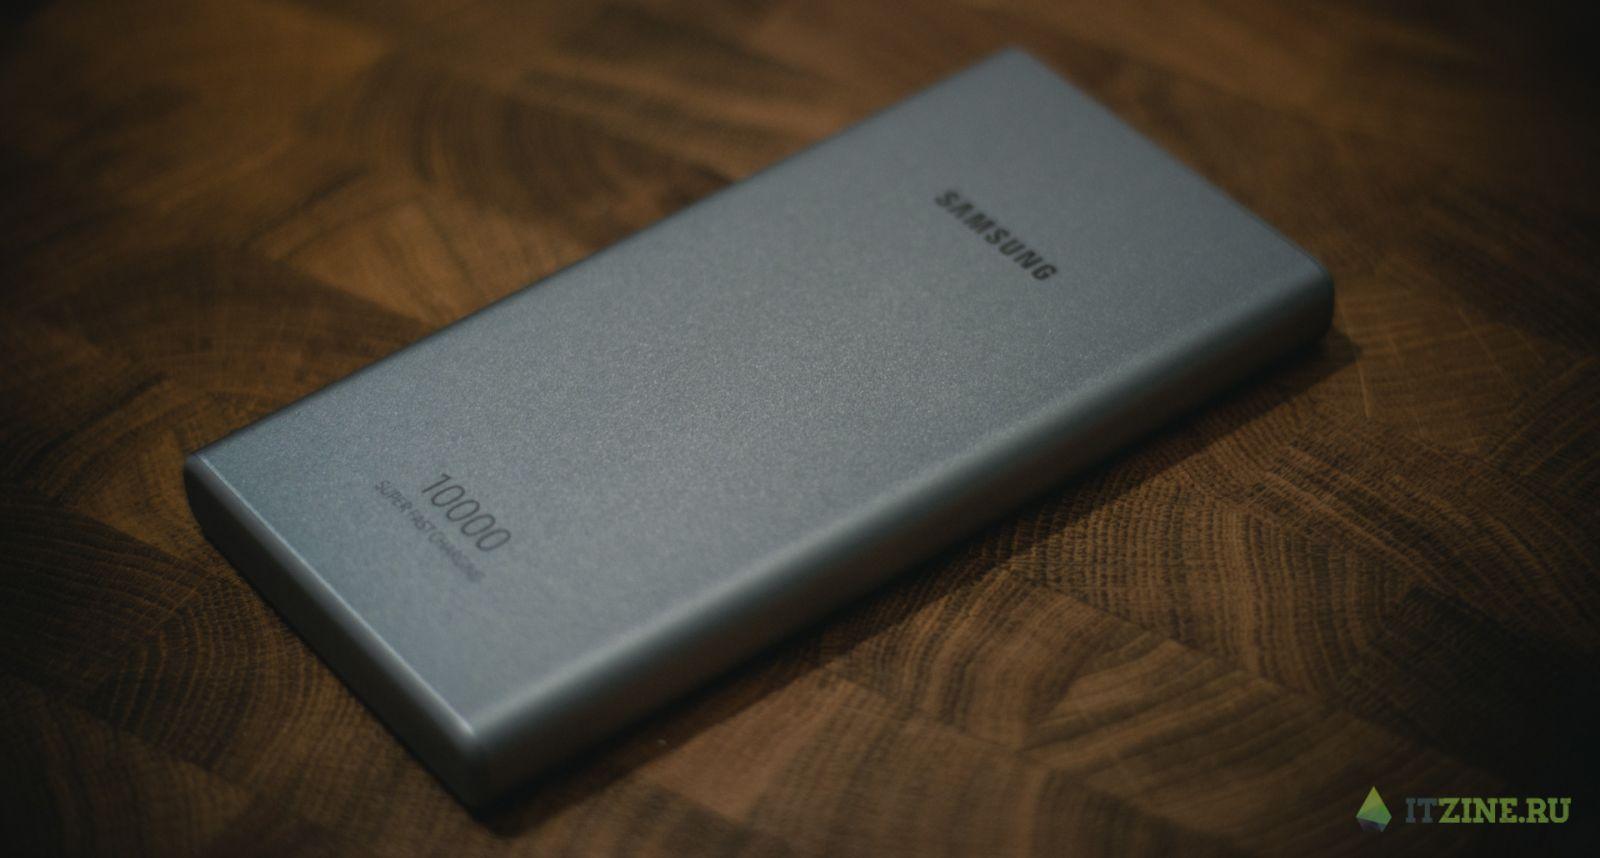 Премиум без изъянов. Обзор смартфона Samsung Galaxy S20+ (dsc 8649)